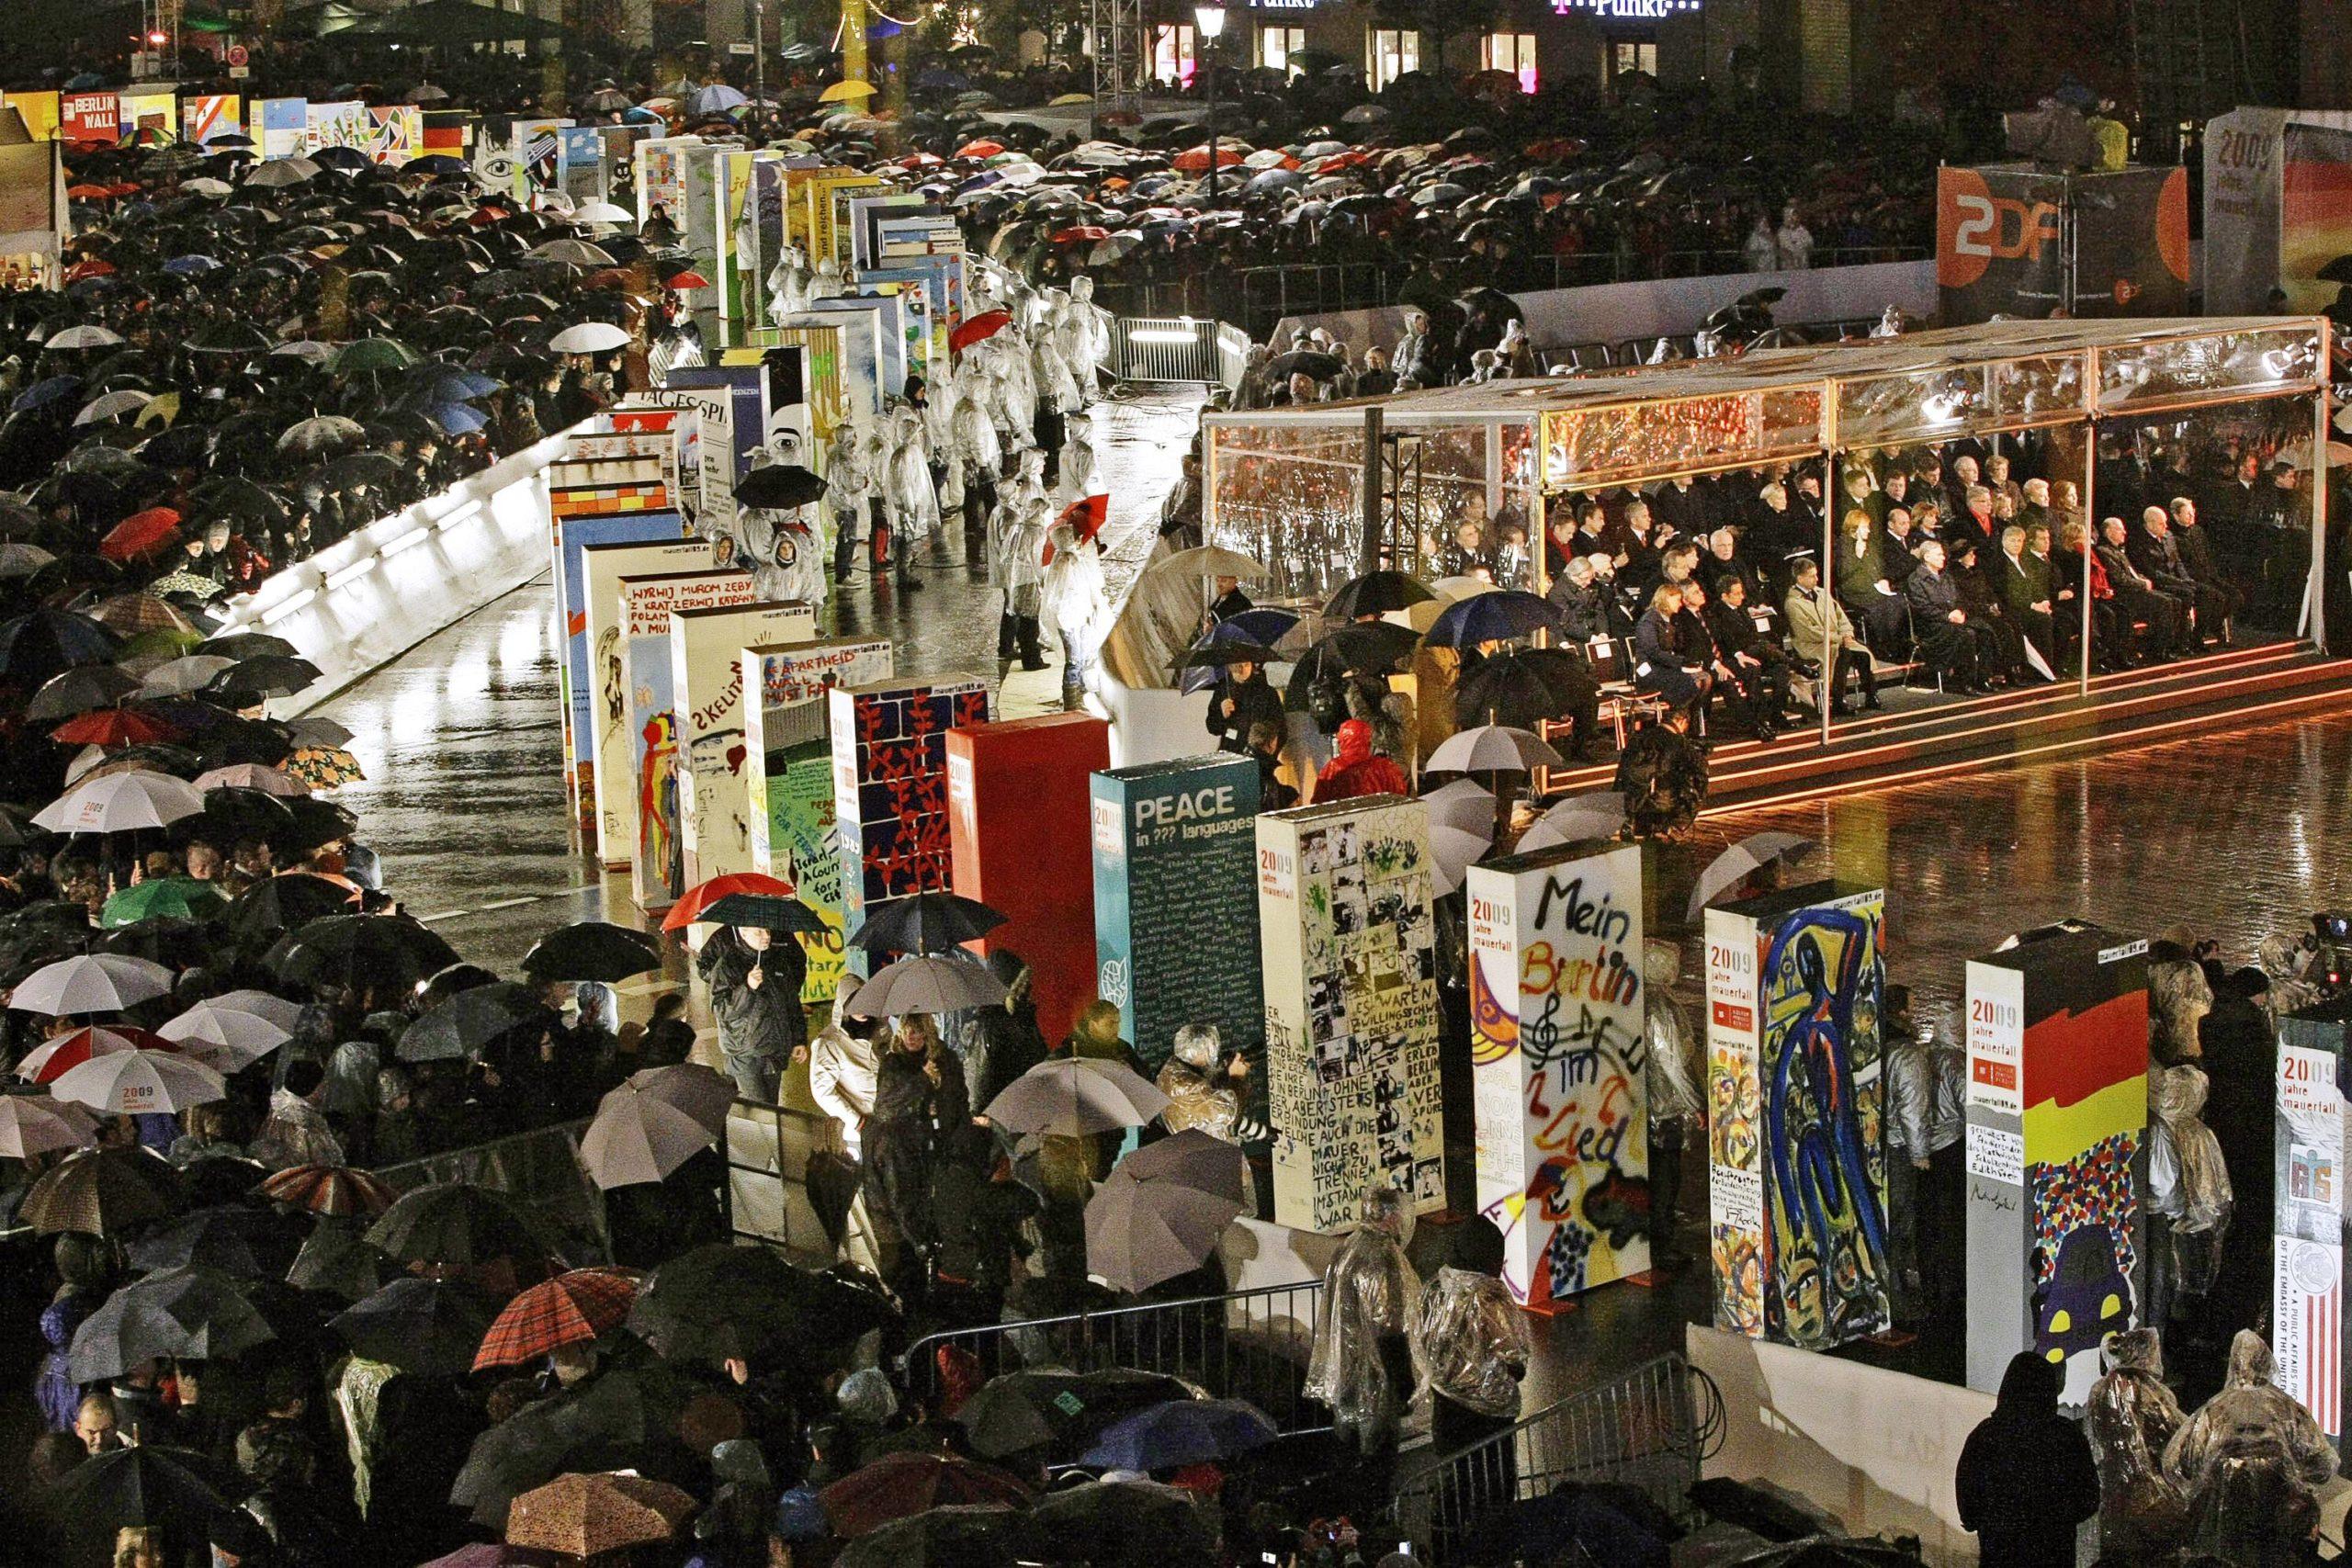 Feierlichkeiten zum 20. Jubiläum des Mauerfalls, 9. November 2009. Foto: Imago/Itar-Tass